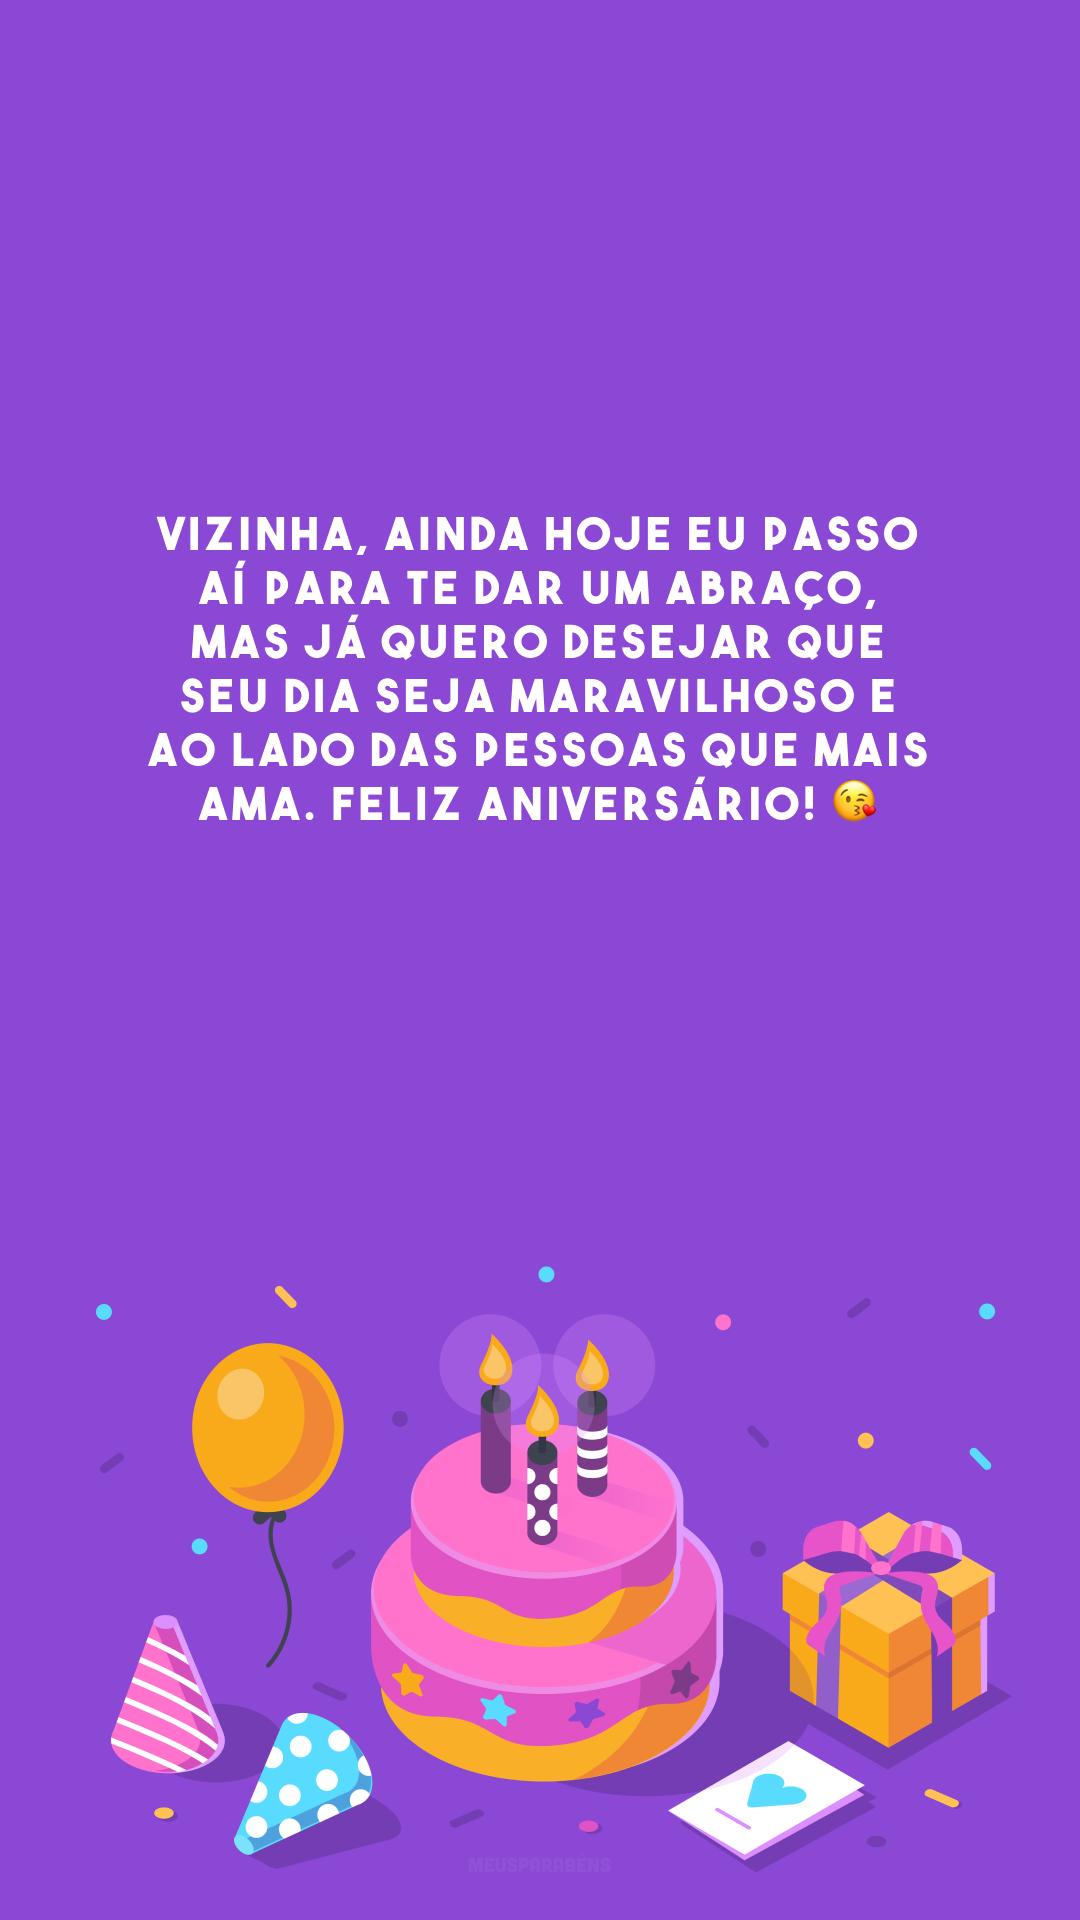 Vizinha, ainda hoje eu passo aí para te dar um abraço, mas já quero desejar que seu dia seja maravilhoso e ao lado das pessoas que mais ama. Feliz aniversário! 😘